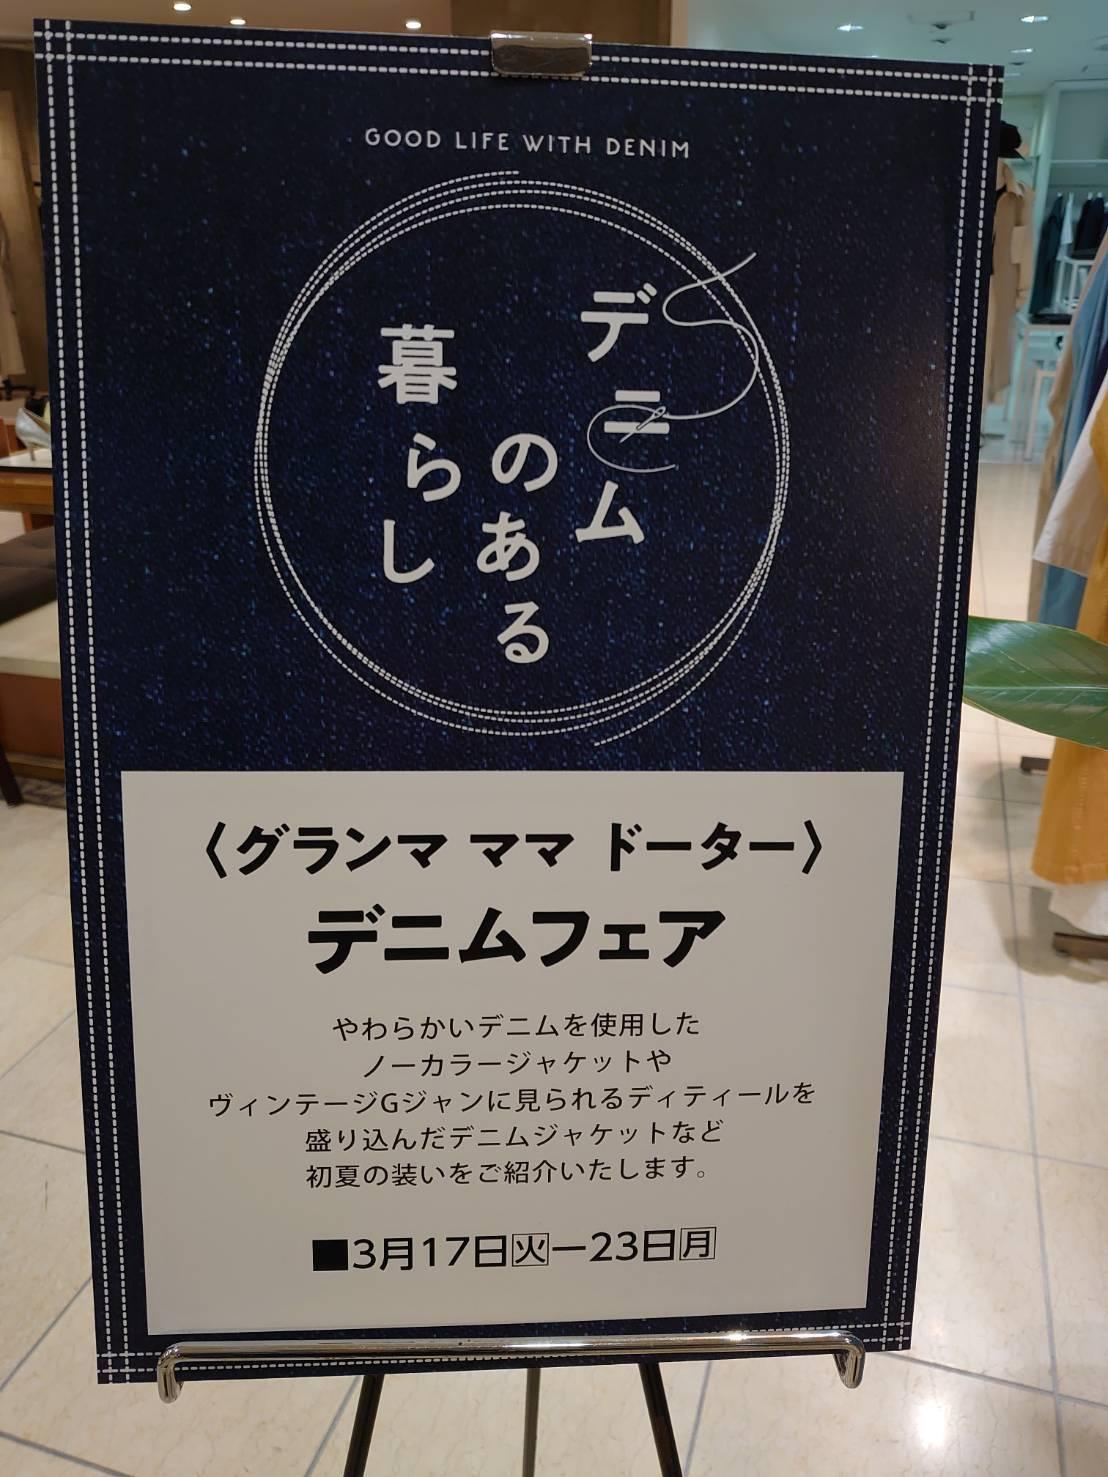 広島三越店 POPUPのご案内_b0397010_13242205.jpg